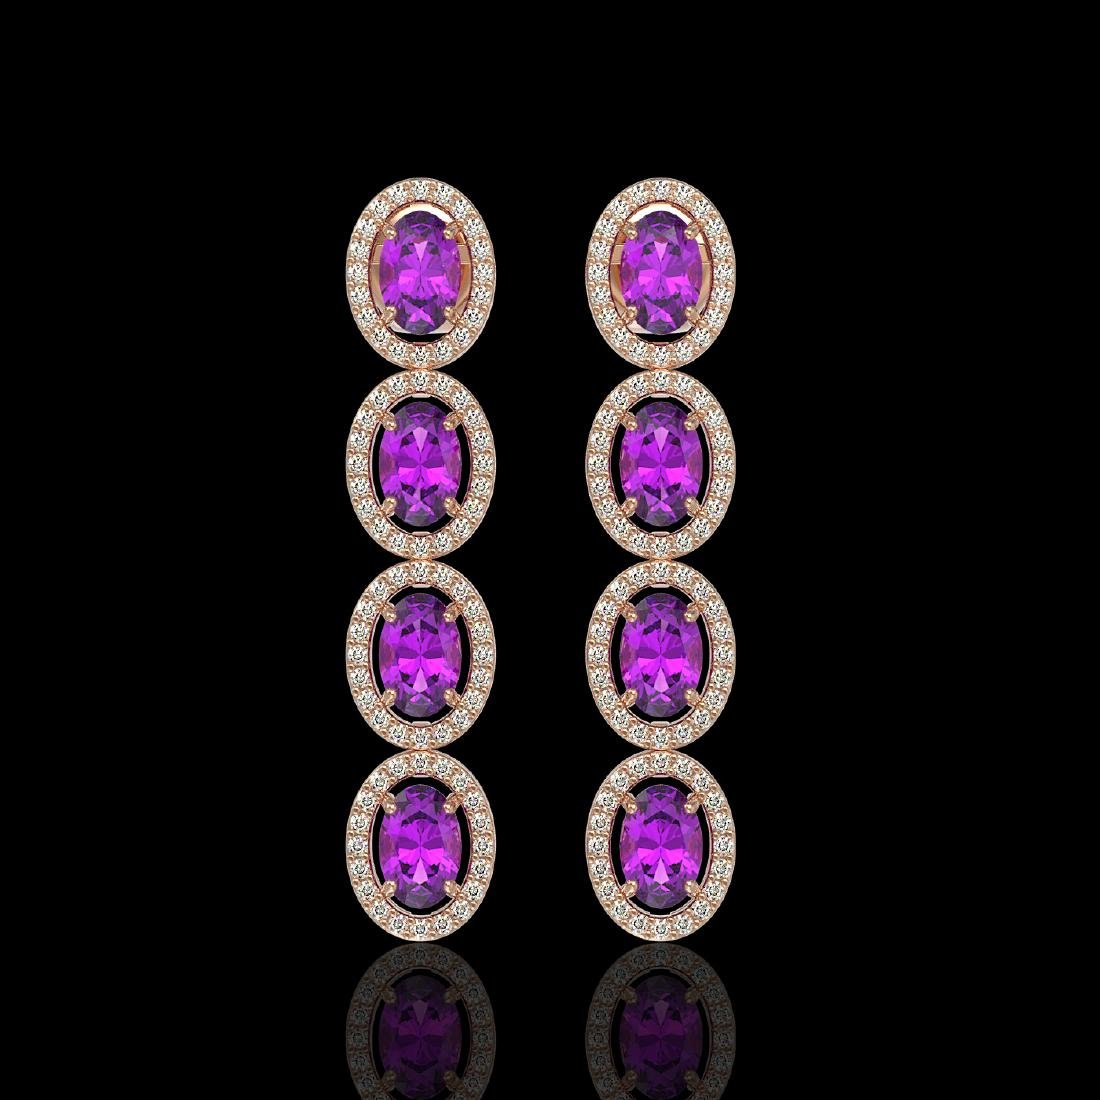 5.56 CTW Amethyst & Diamond Halo Earrings 10K Rose Gold